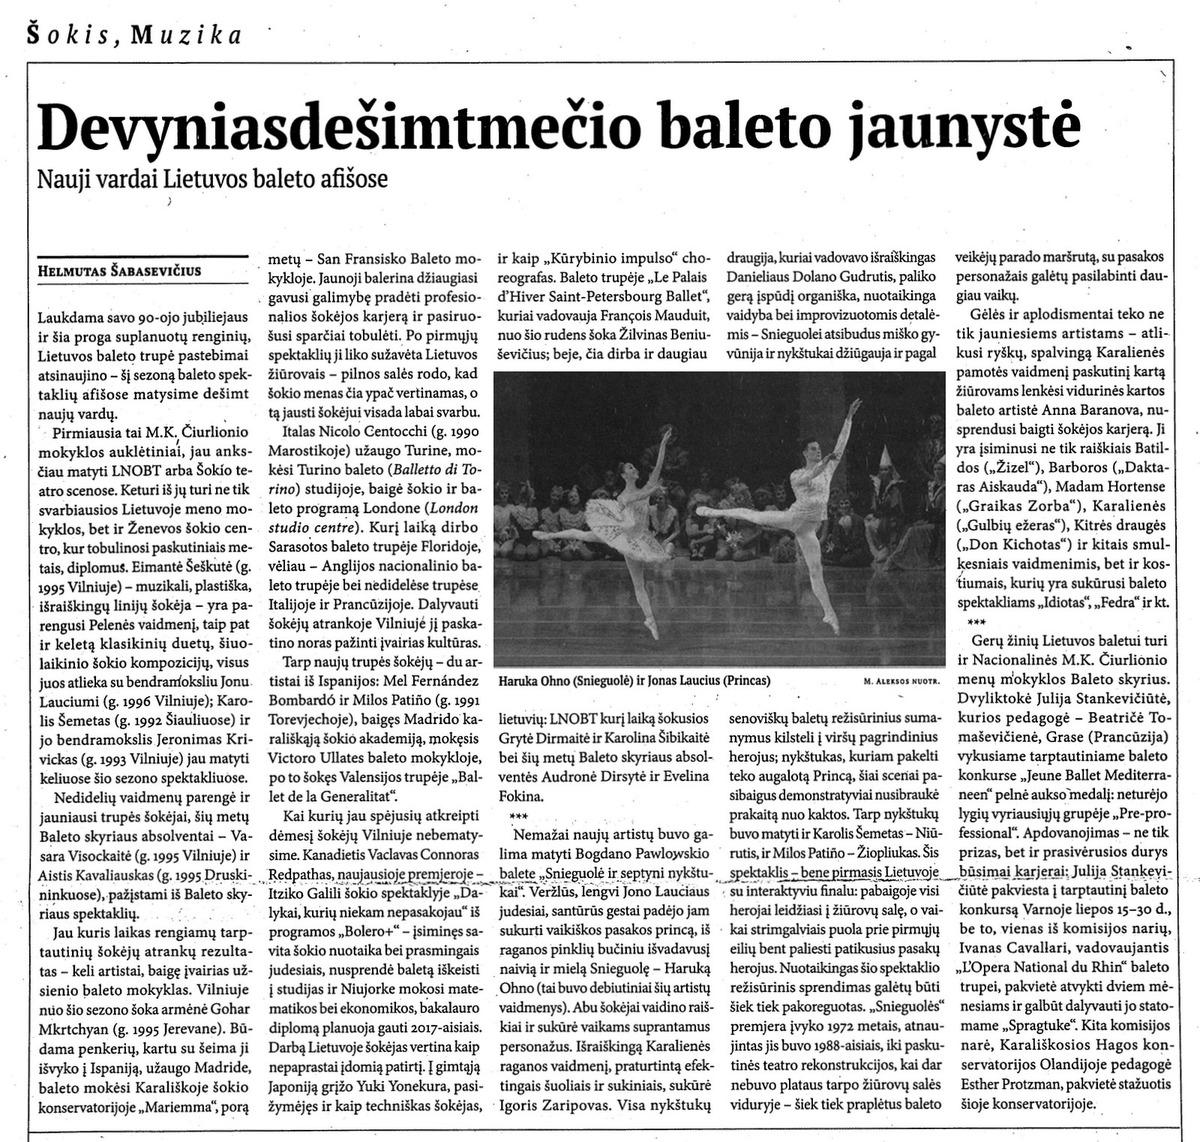 Šabasevičius H. Devyniasdešimtmečio baleto jaunystė. // 7 meno dienos - 2015, lakpričio 13 d., Nr. 13, p. 3